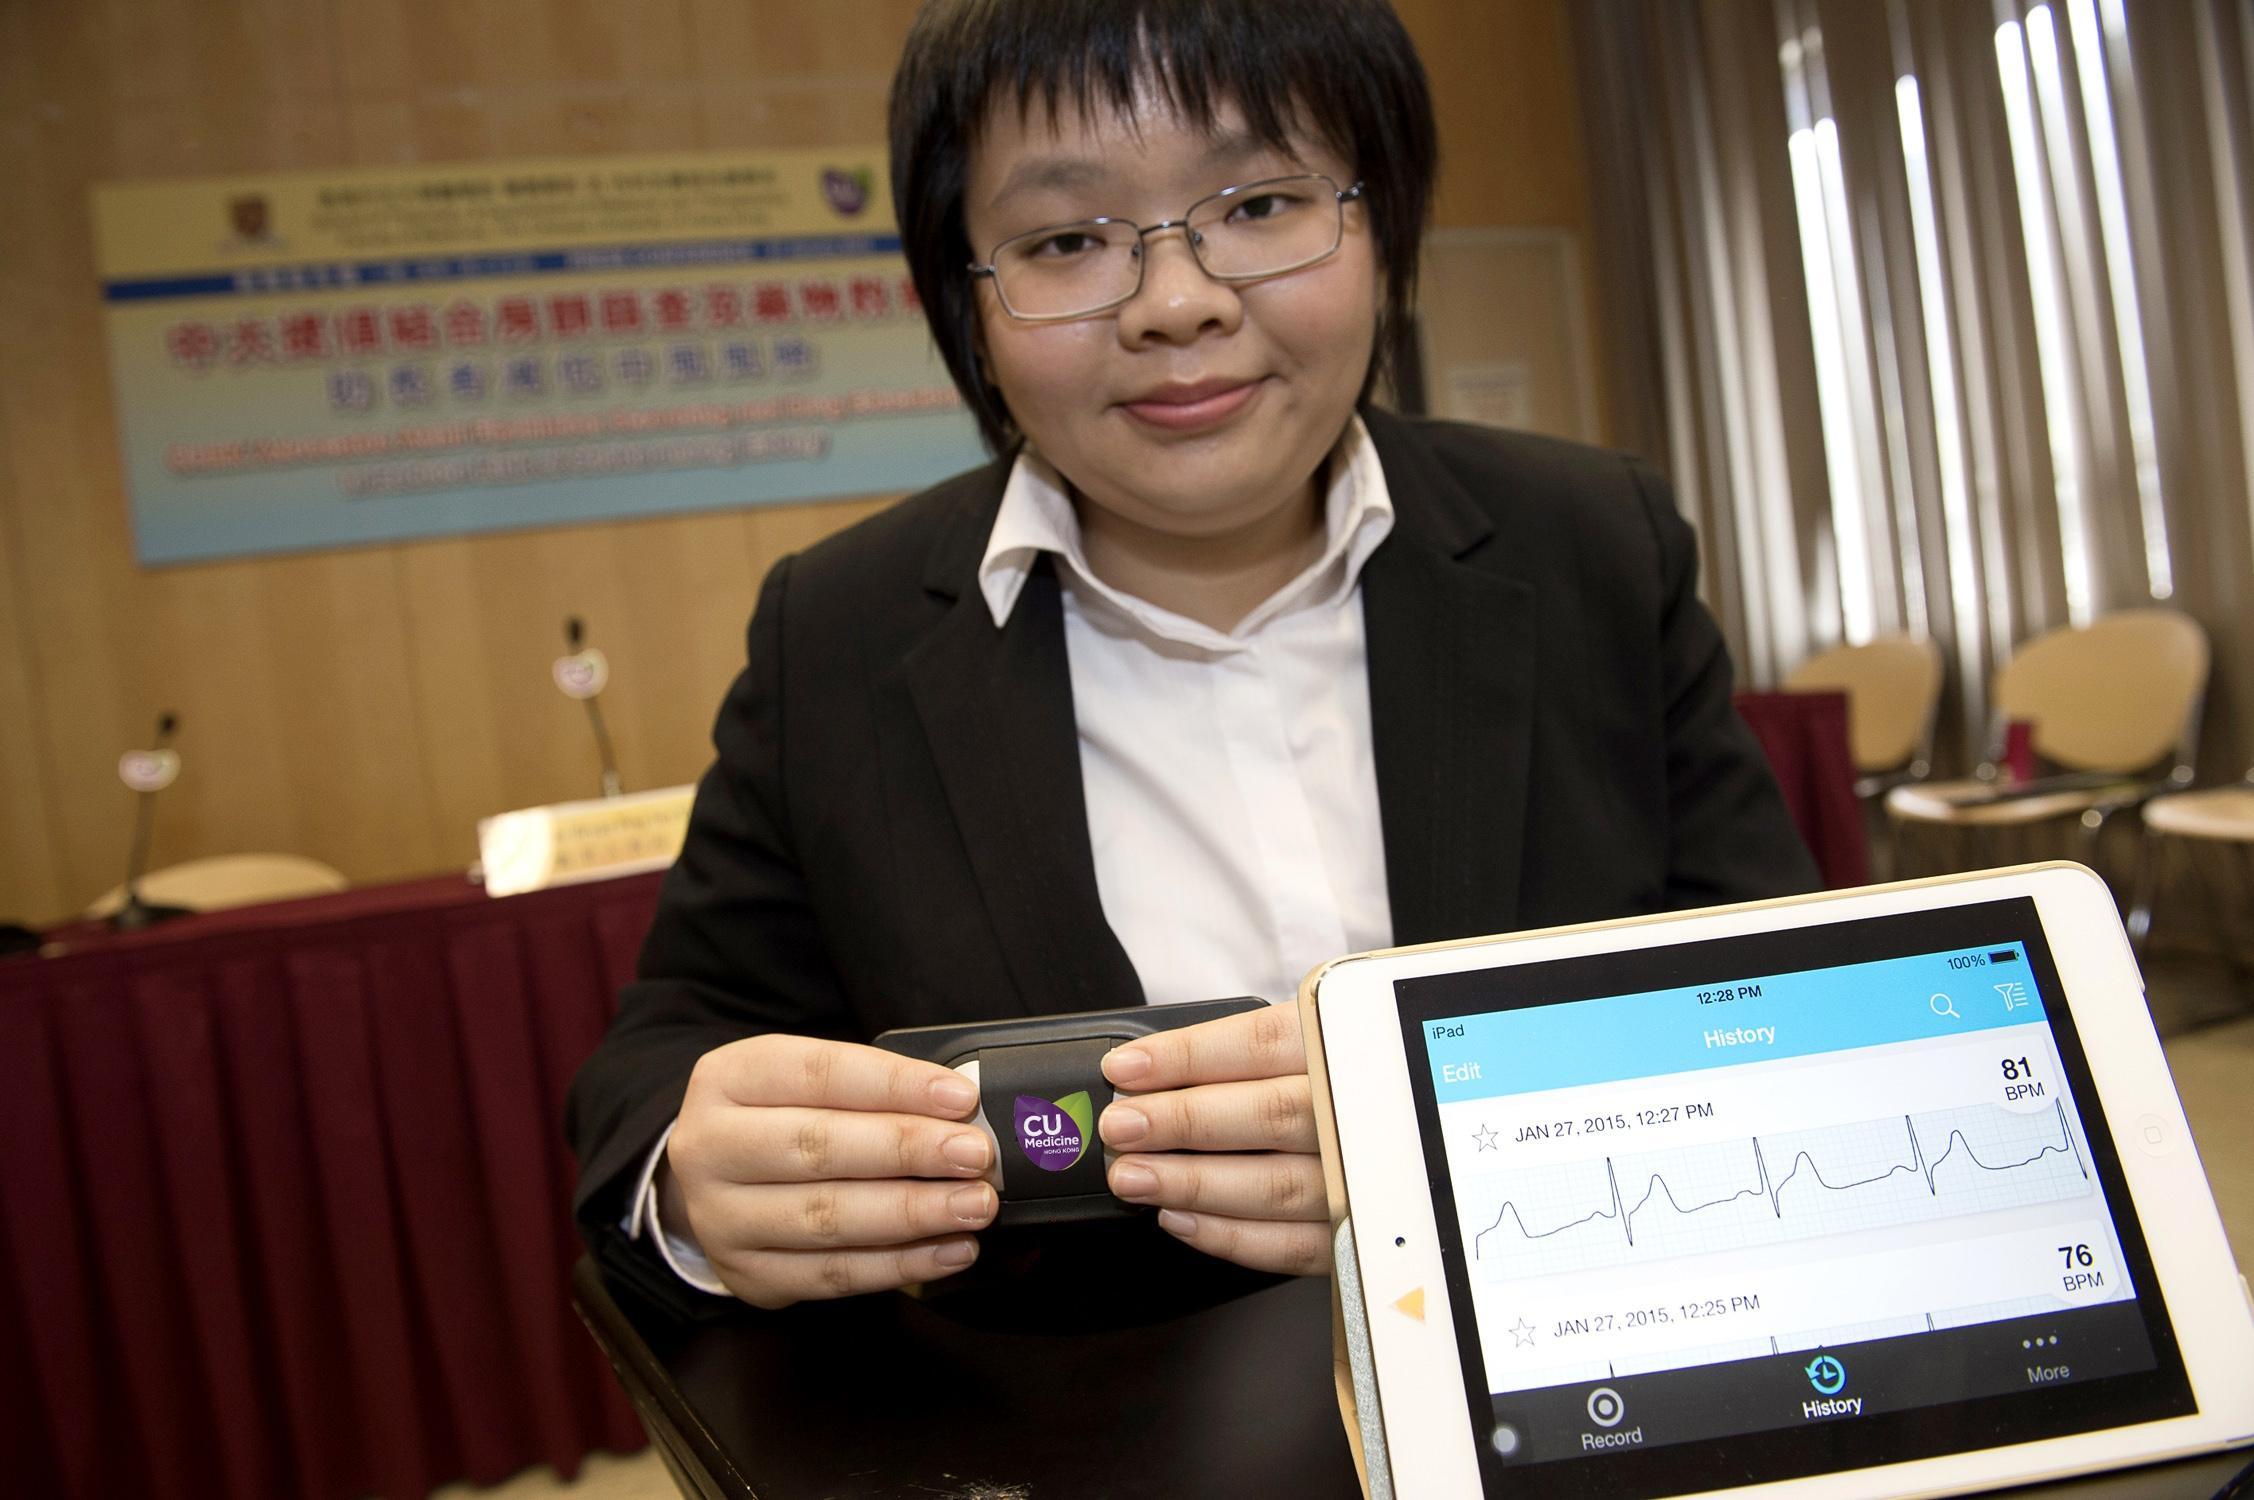 学生义工示范使用手提心电图检测器进行房颤检查。